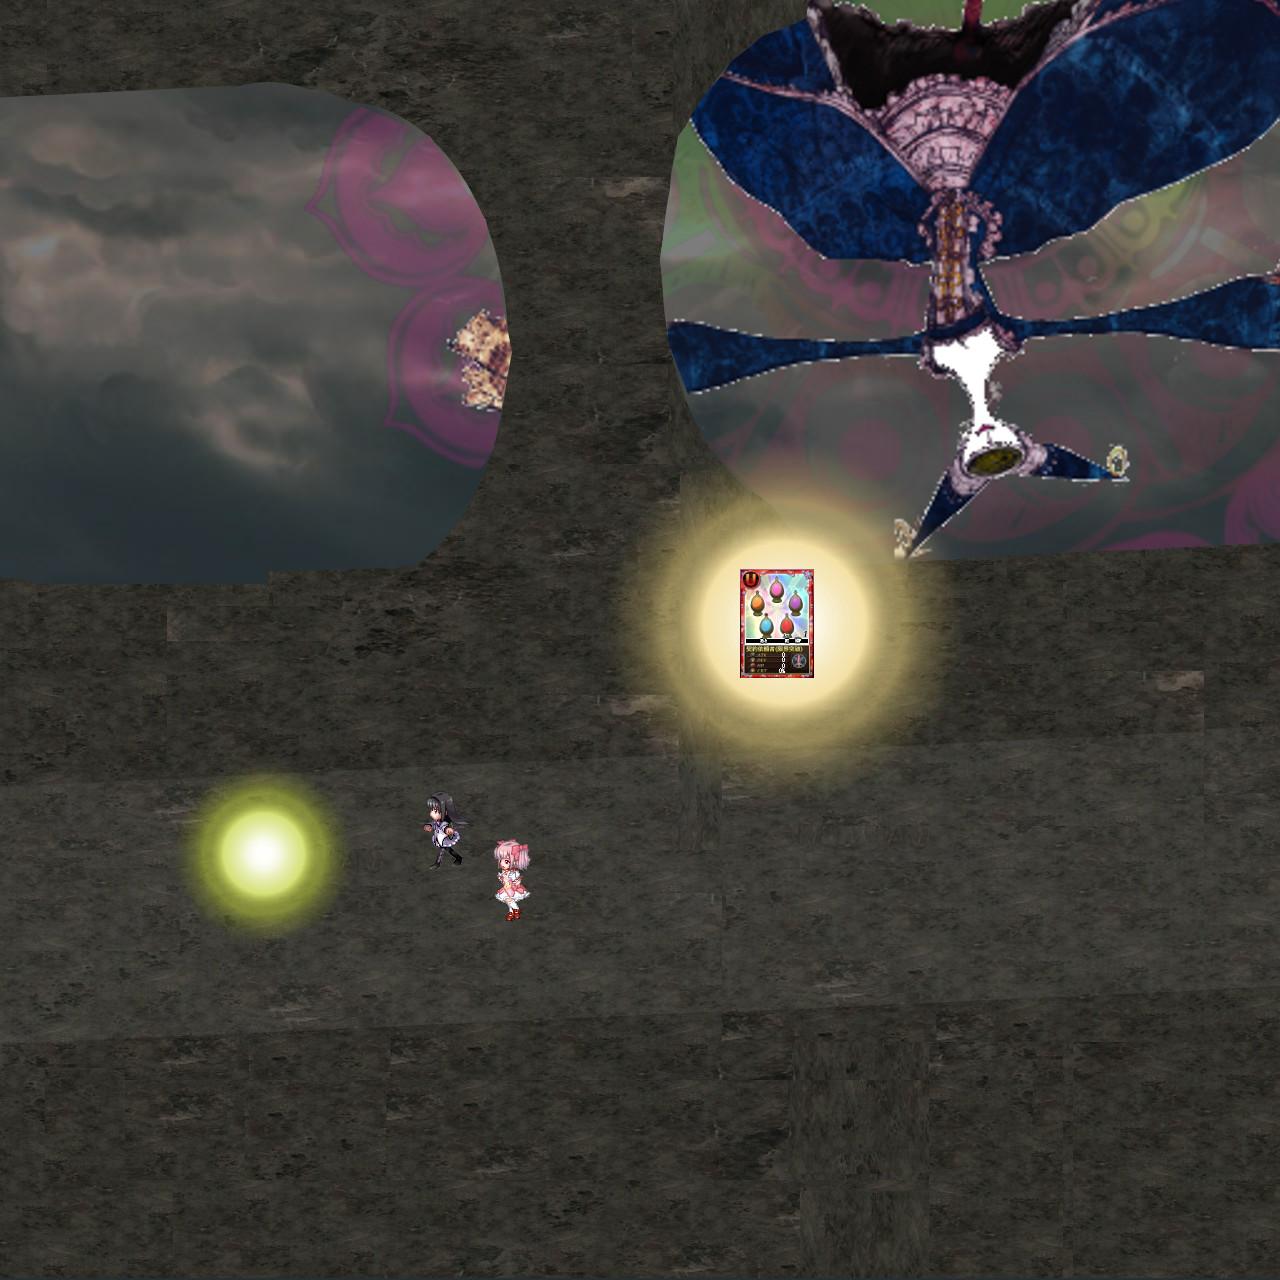 ワルプルギスの夜背天空の戦い69-18